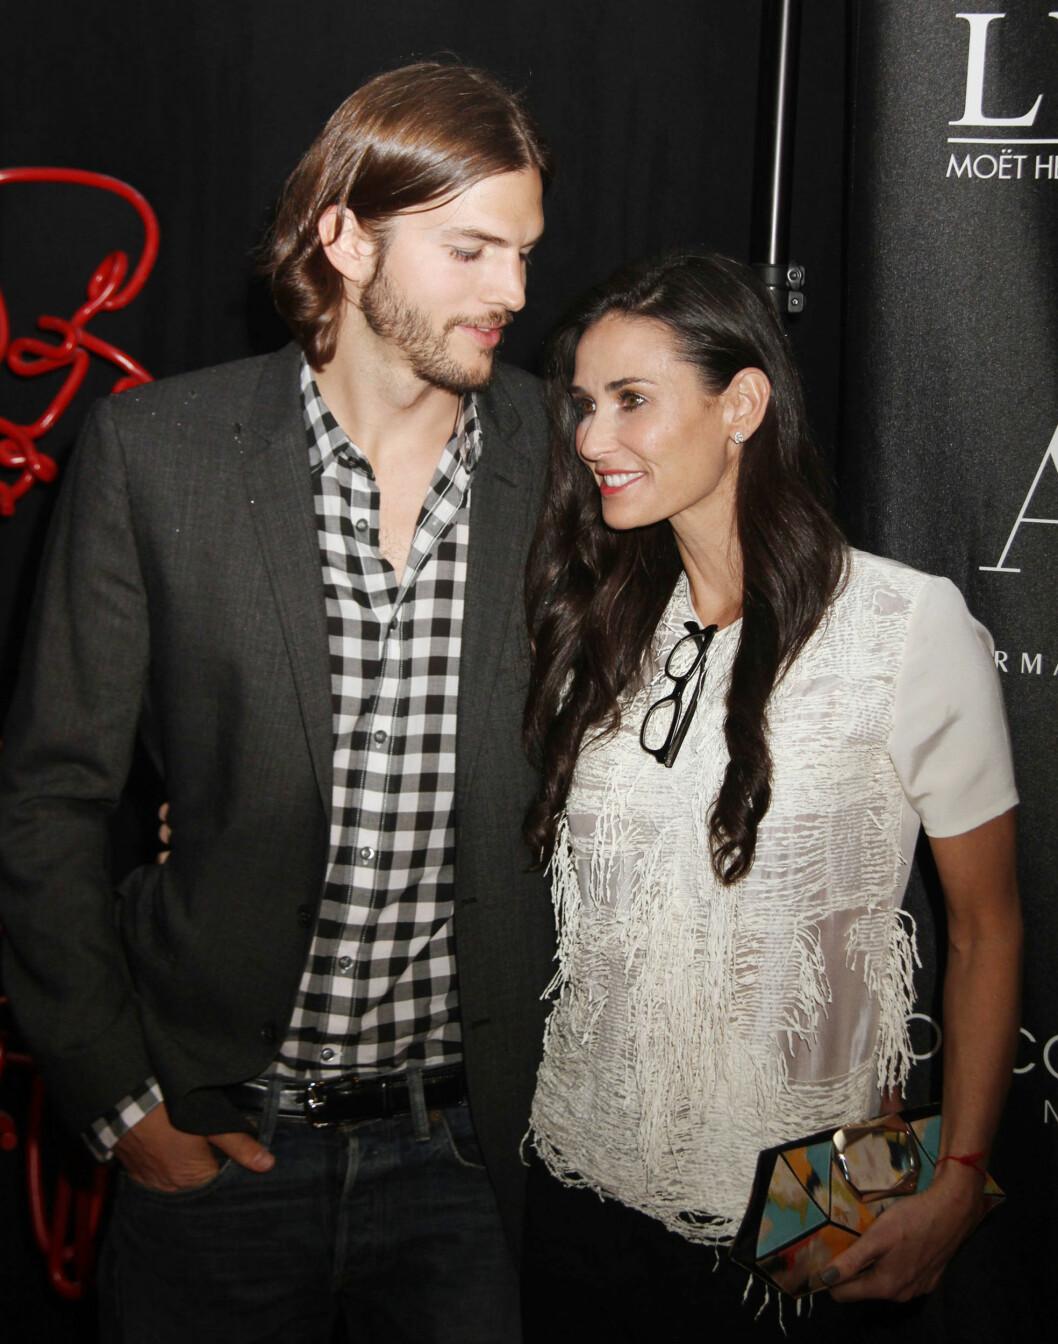 16 ÅRS FORSKJELL: Lykken brast for skuespillerparet Demi Moore (53) og Ashton Kutcher (37) i 2013. Da hadde de vært gift siden 2005. I dag er han lykkelig gift med sin tidligere TV-kollega Mila Kunis (32), som han har datteren Wyatt Isabelle (1) med. Foto: NTB Scanpix